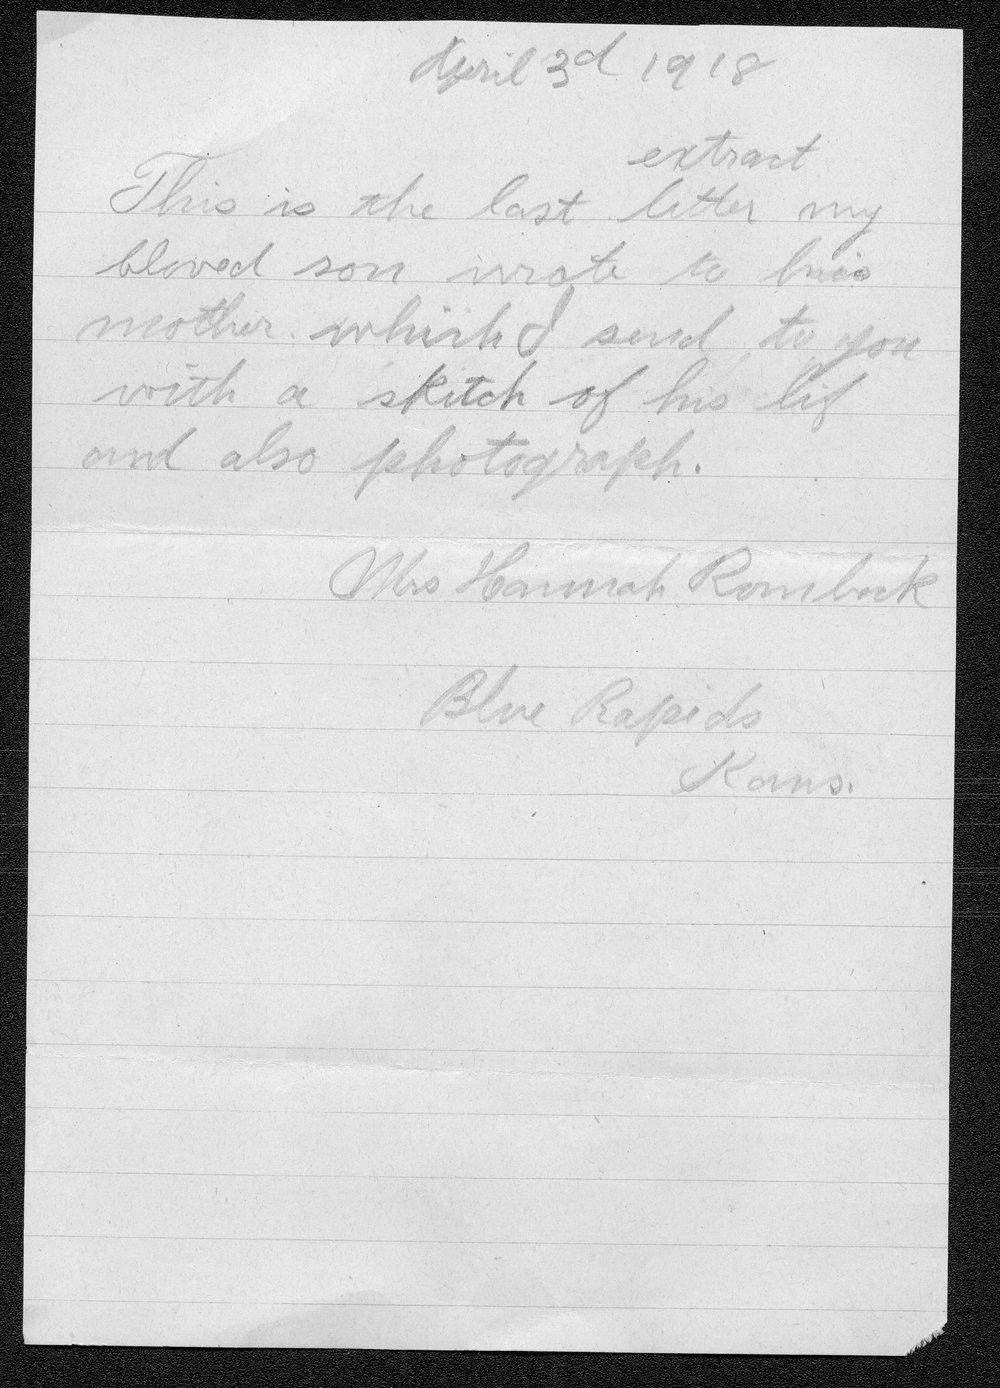 William J. Rombeck, World War I soldier - 5